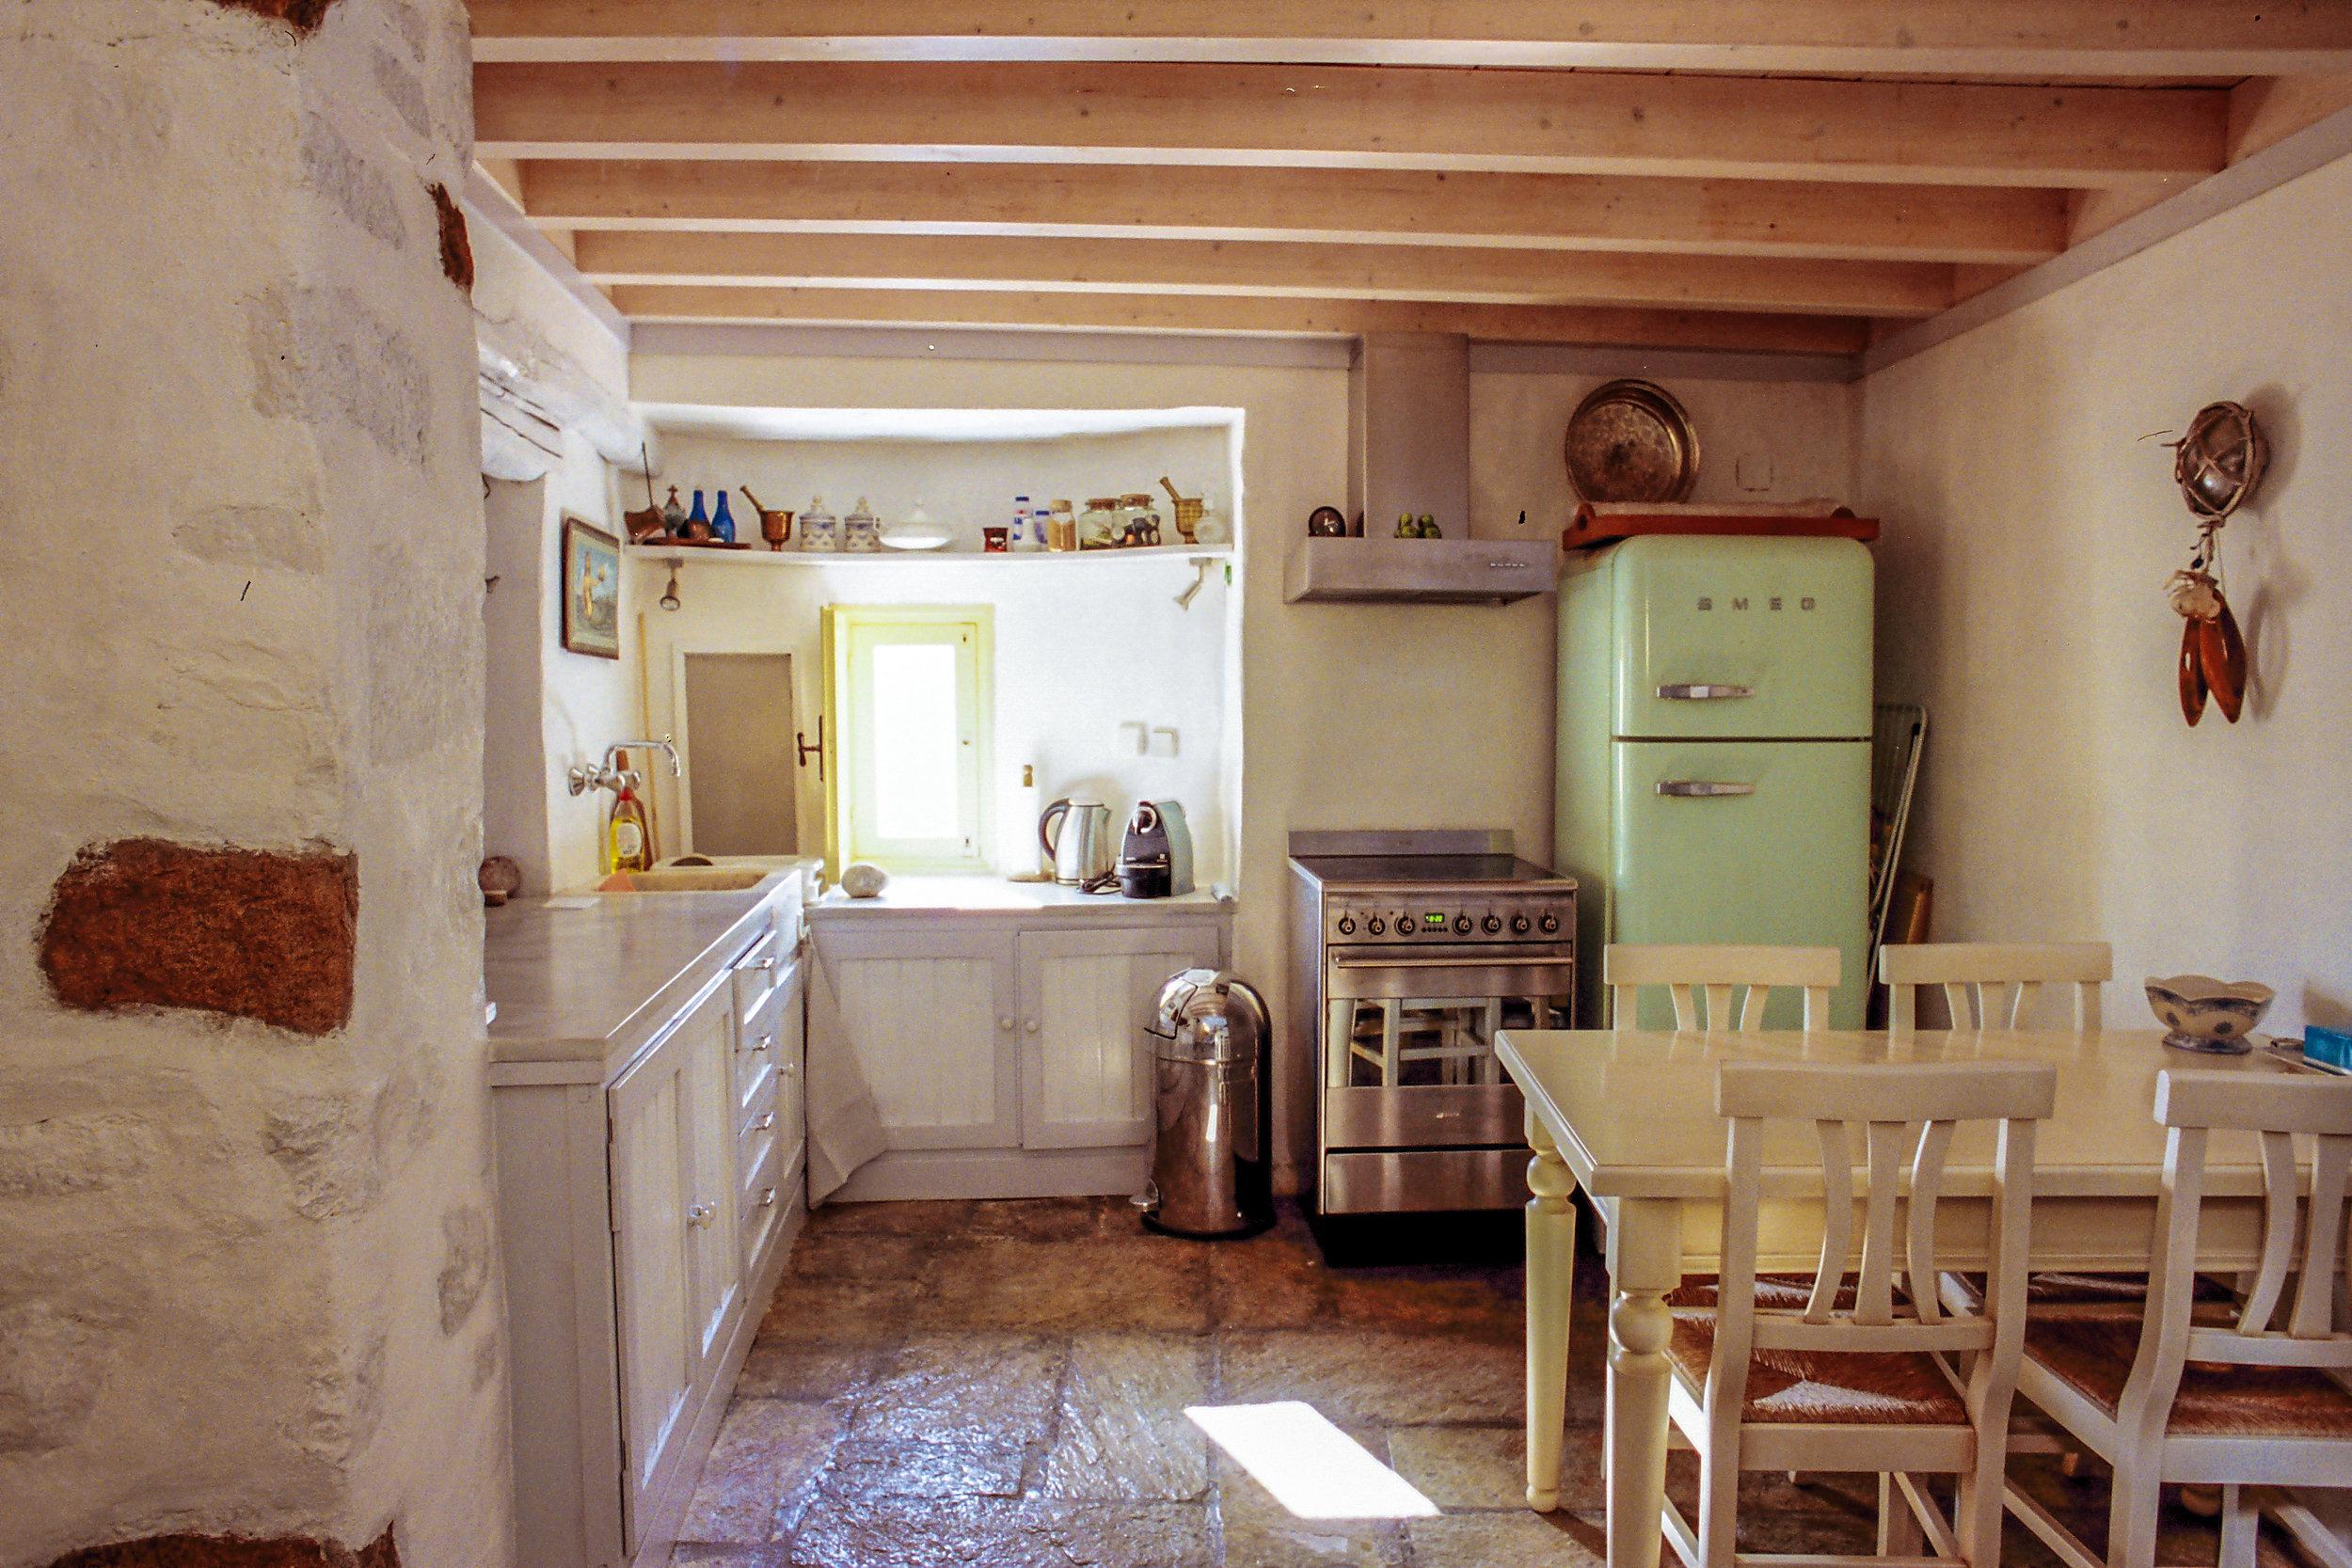 Σπίτι στη Χώρα, Σέριφος // Home in Chora, Serifos